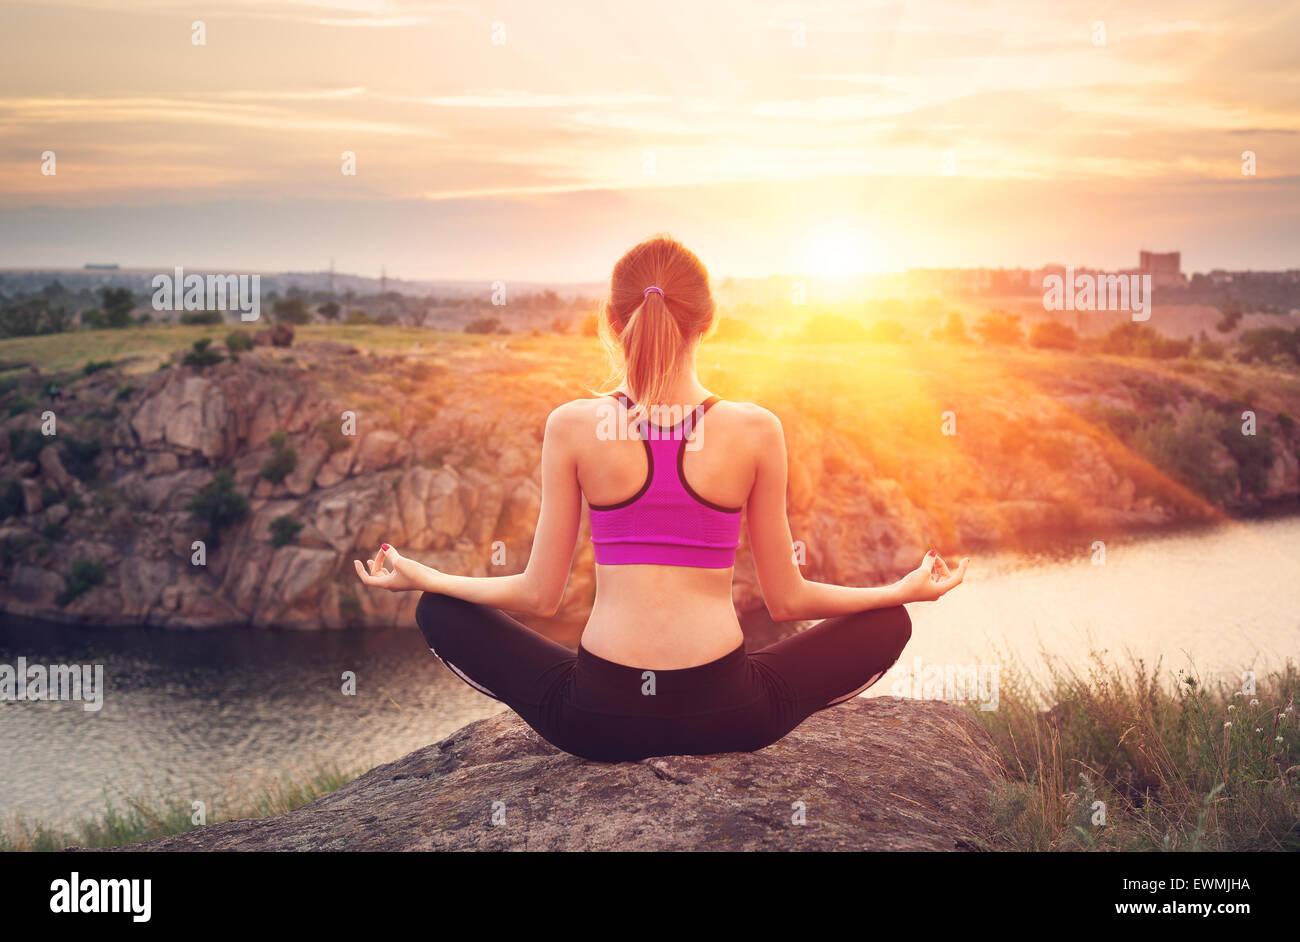 Mujer joven practicando yoga en la colina al atardecer cerca del río. Imagen De Stock